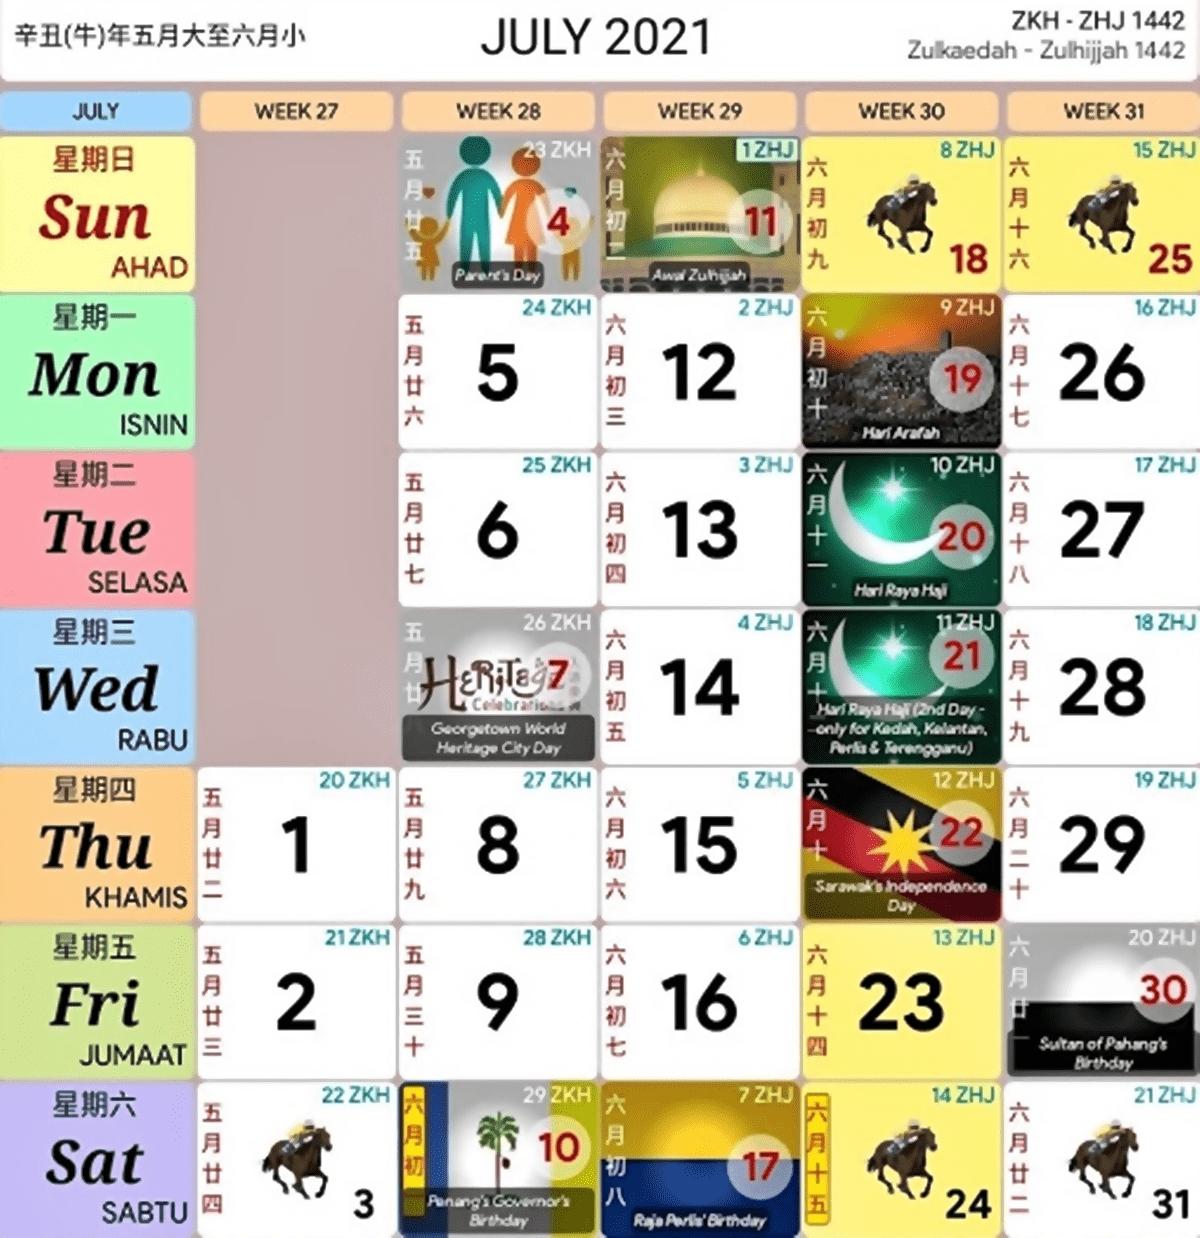 Kalendar 2021 Malaysia Senarai Perincian Cuti Umum Negeri regarding Kalendar Kuda 2021 Cuti Sekolah